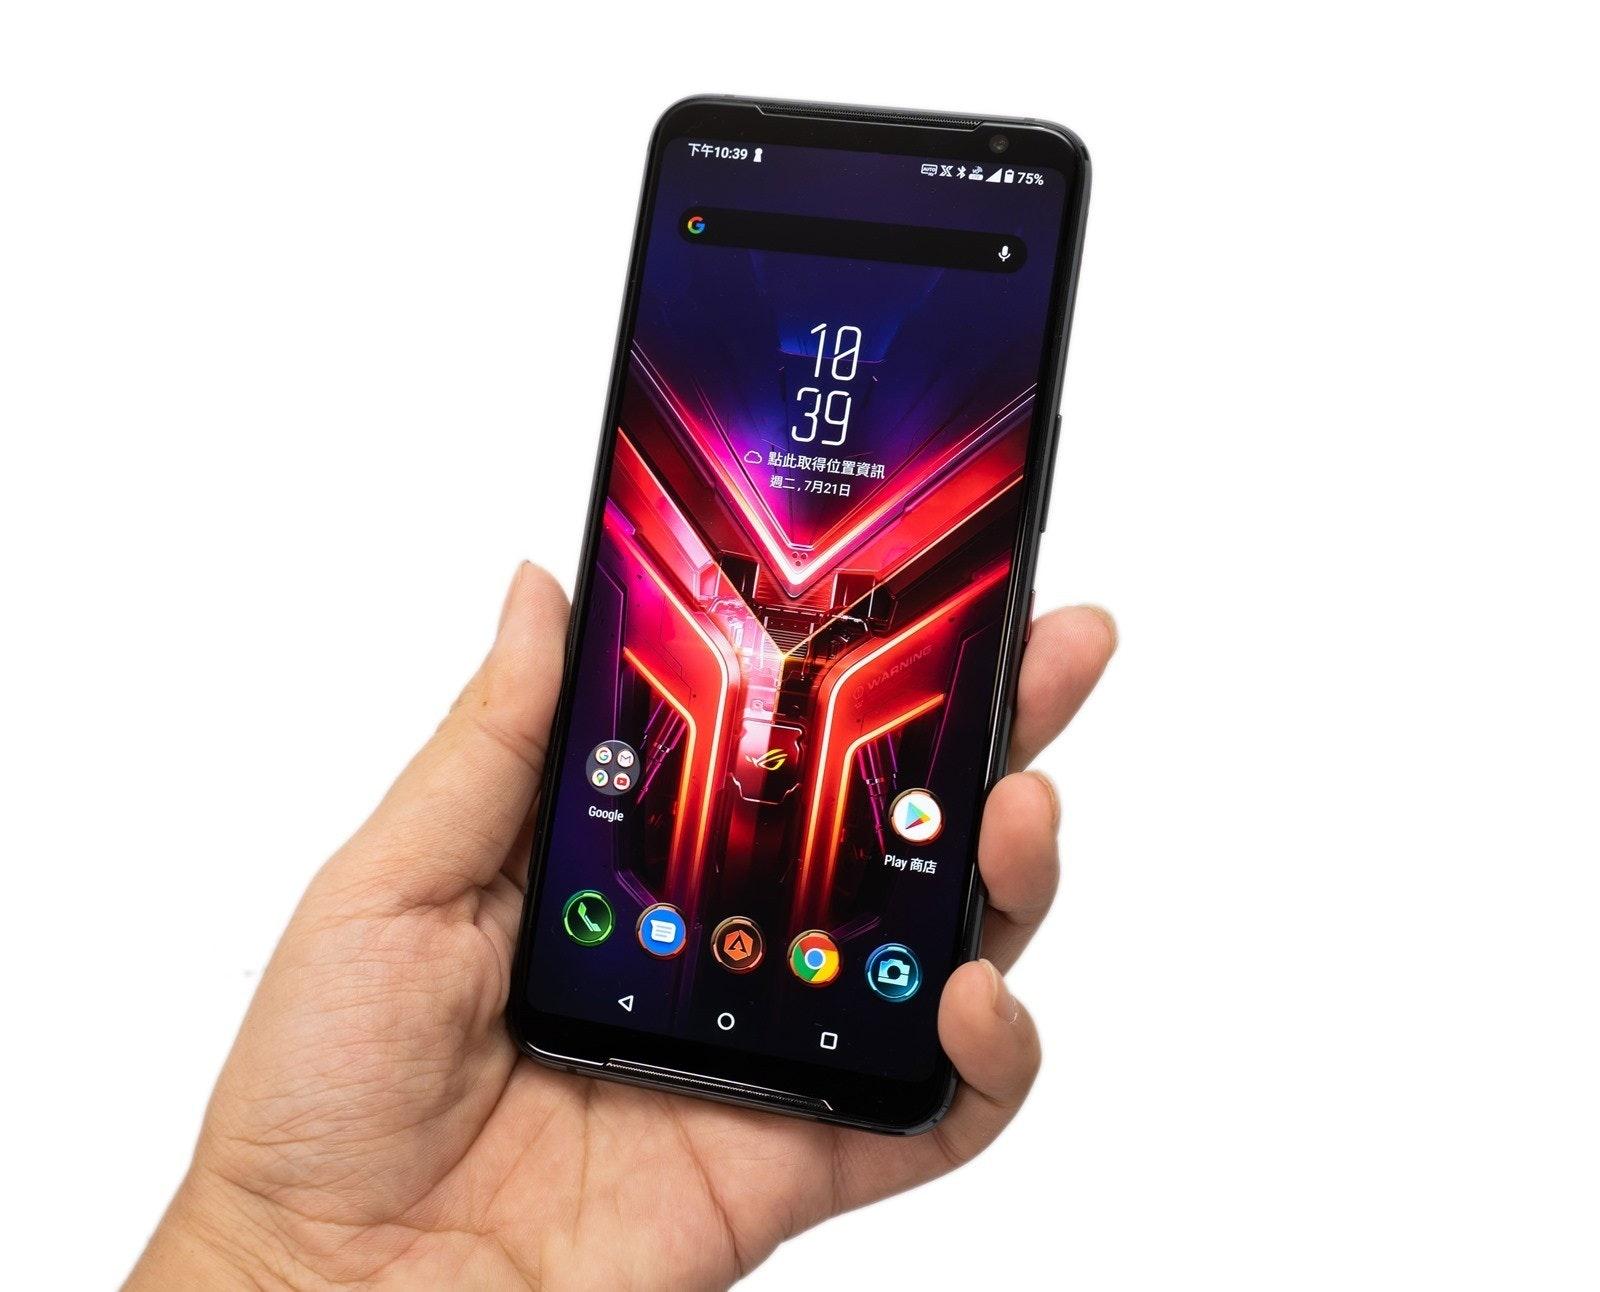 照片中提到了下午10:39 1、国X*品自75%、18,包含了功能手機、功能手機、手機、移動電話、產品設計